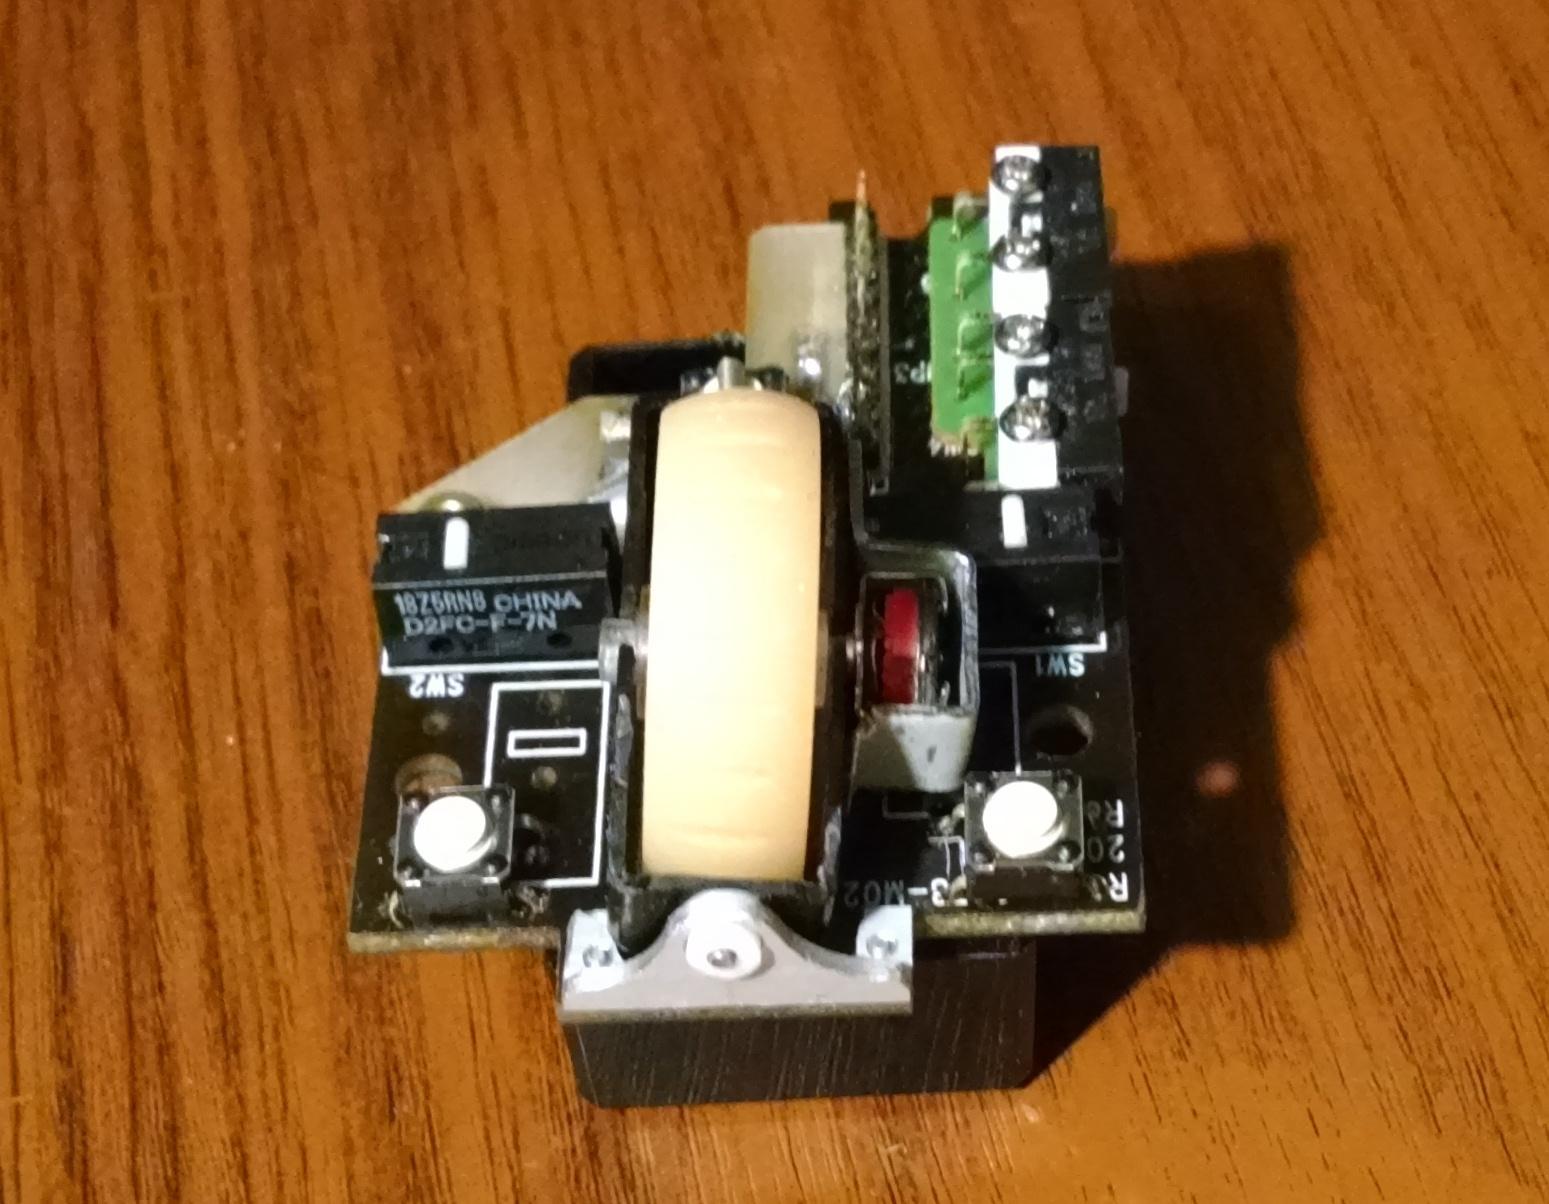 Модернизация мыши — добавление наклонов колеса, замена электроники - 13